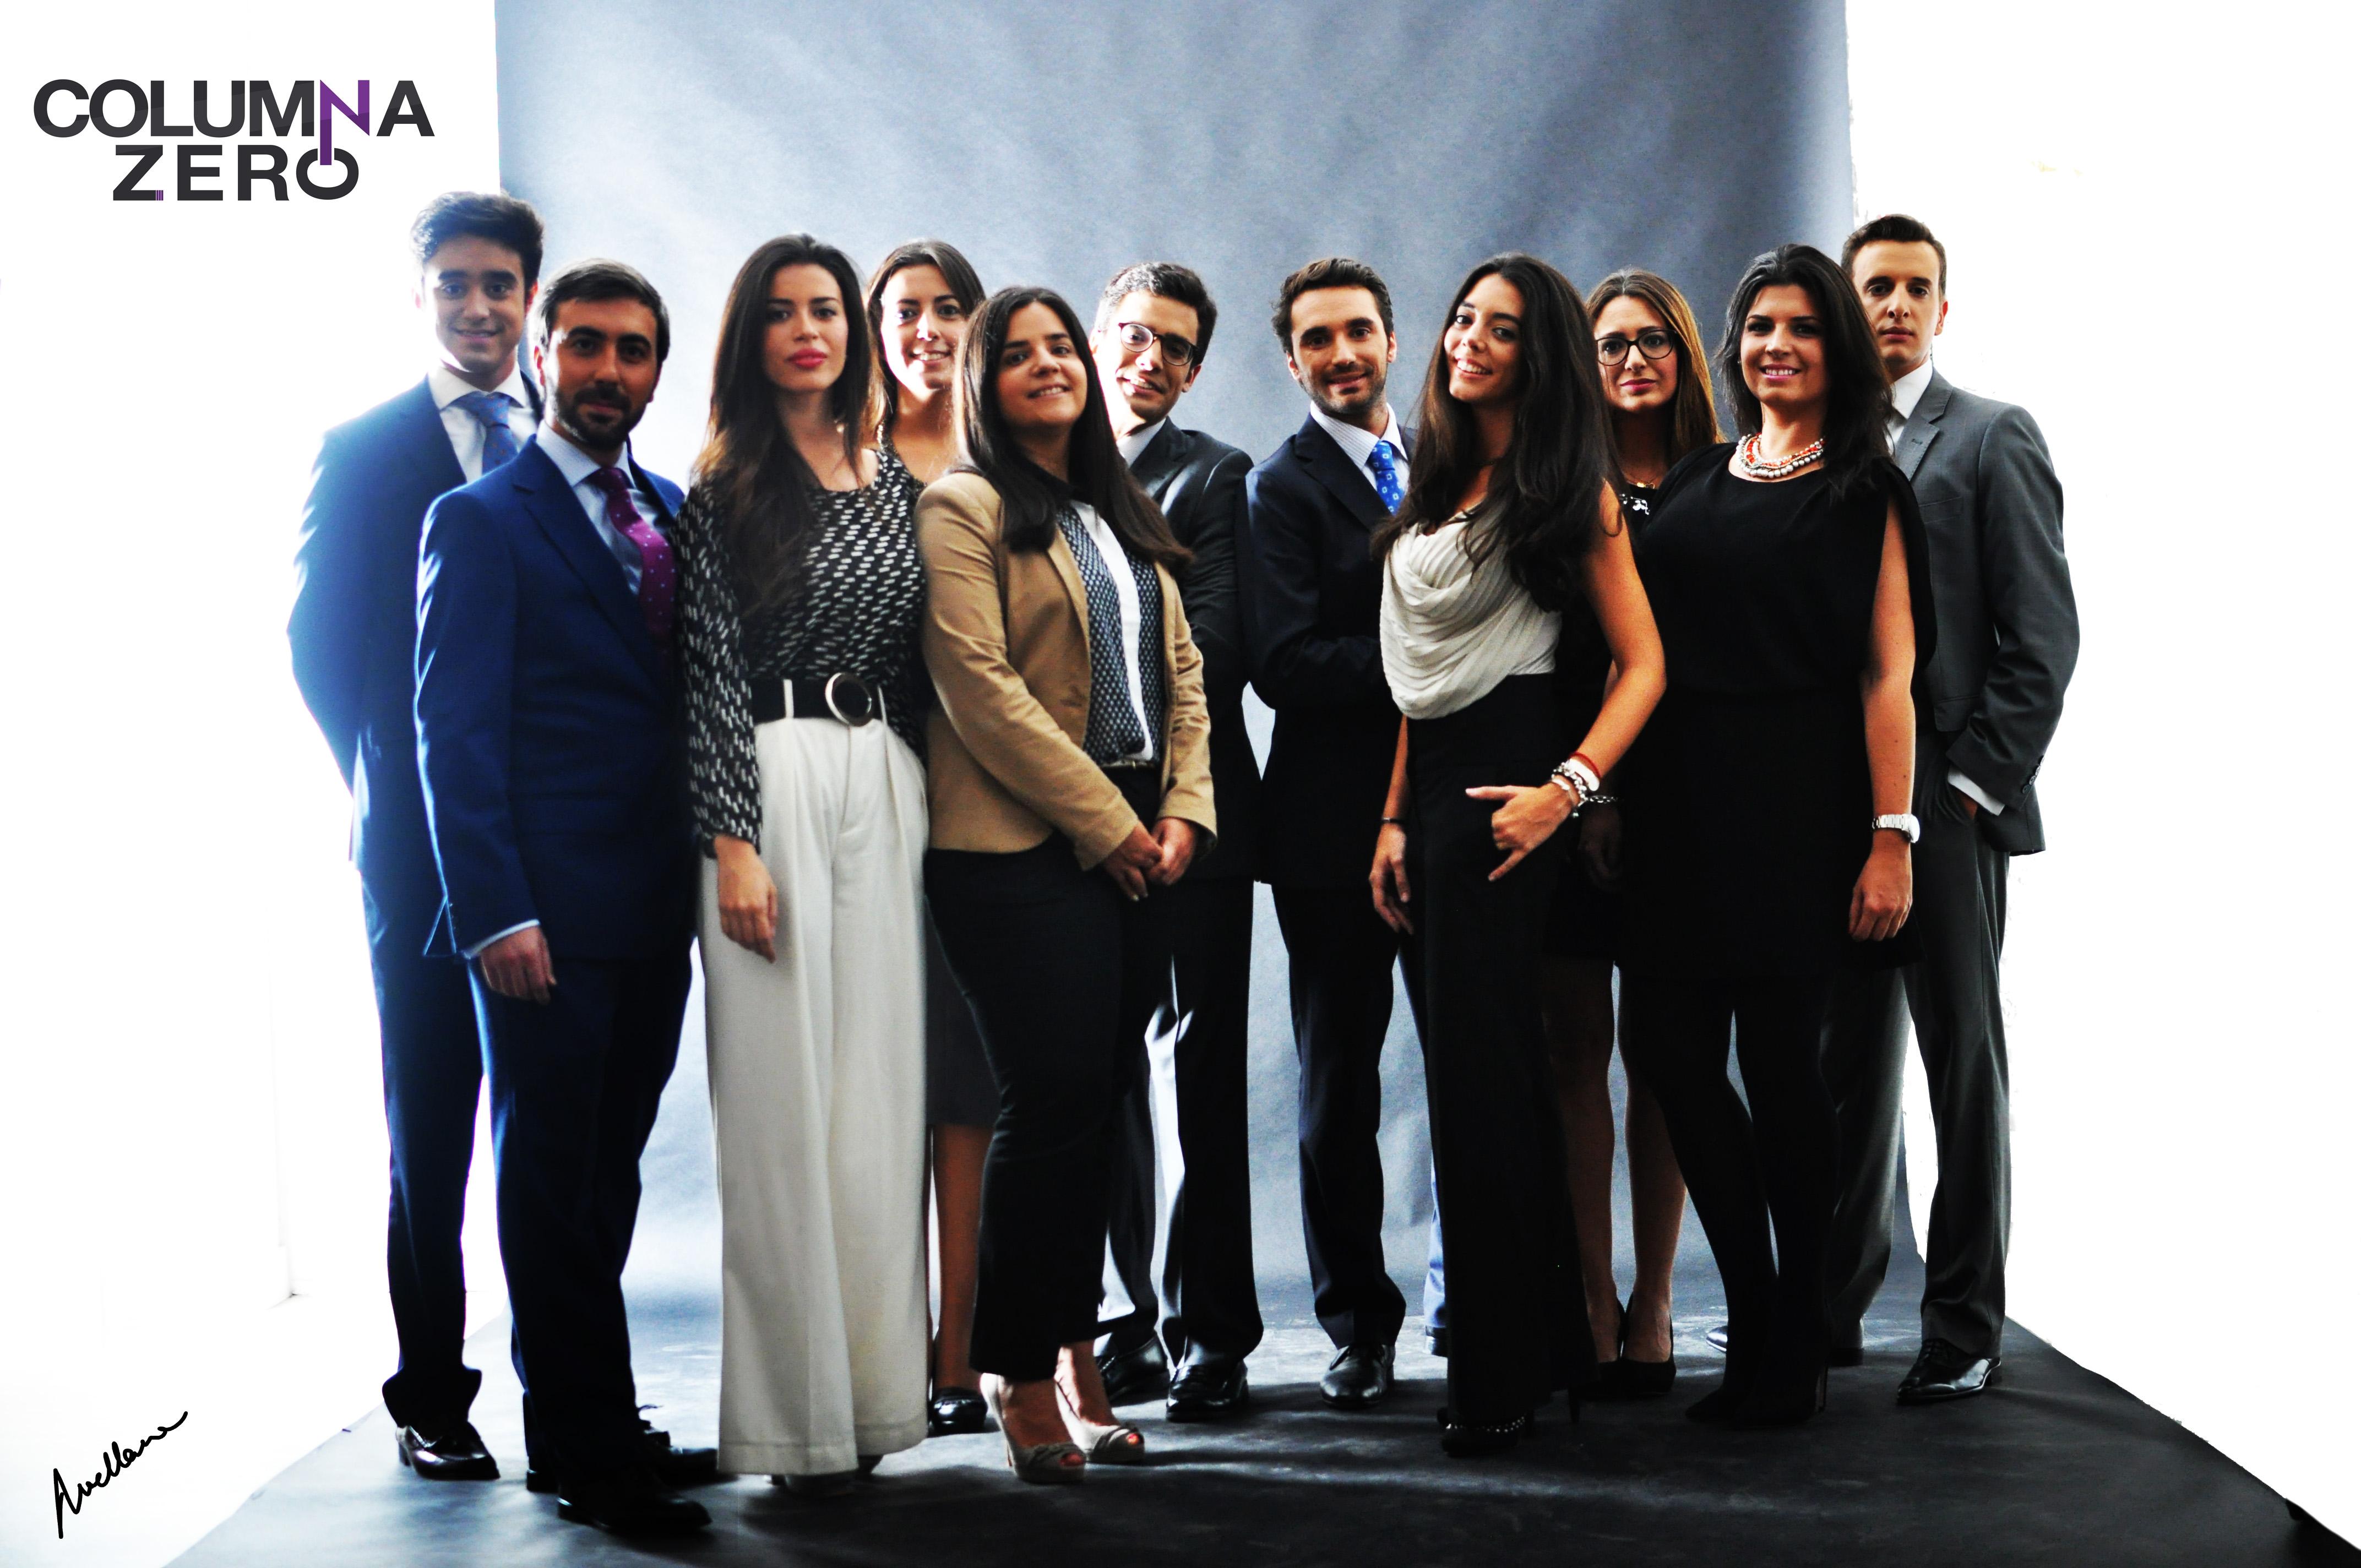 Un reportaje de Enrique Arnaldos para ColumnaZero. (Foto: CandidatosJAM a las elecciones al Grupo Joven del Colegios Oficial de Abogados de Madrid del 28 de octubre de 2013, por Alberto Avellana)